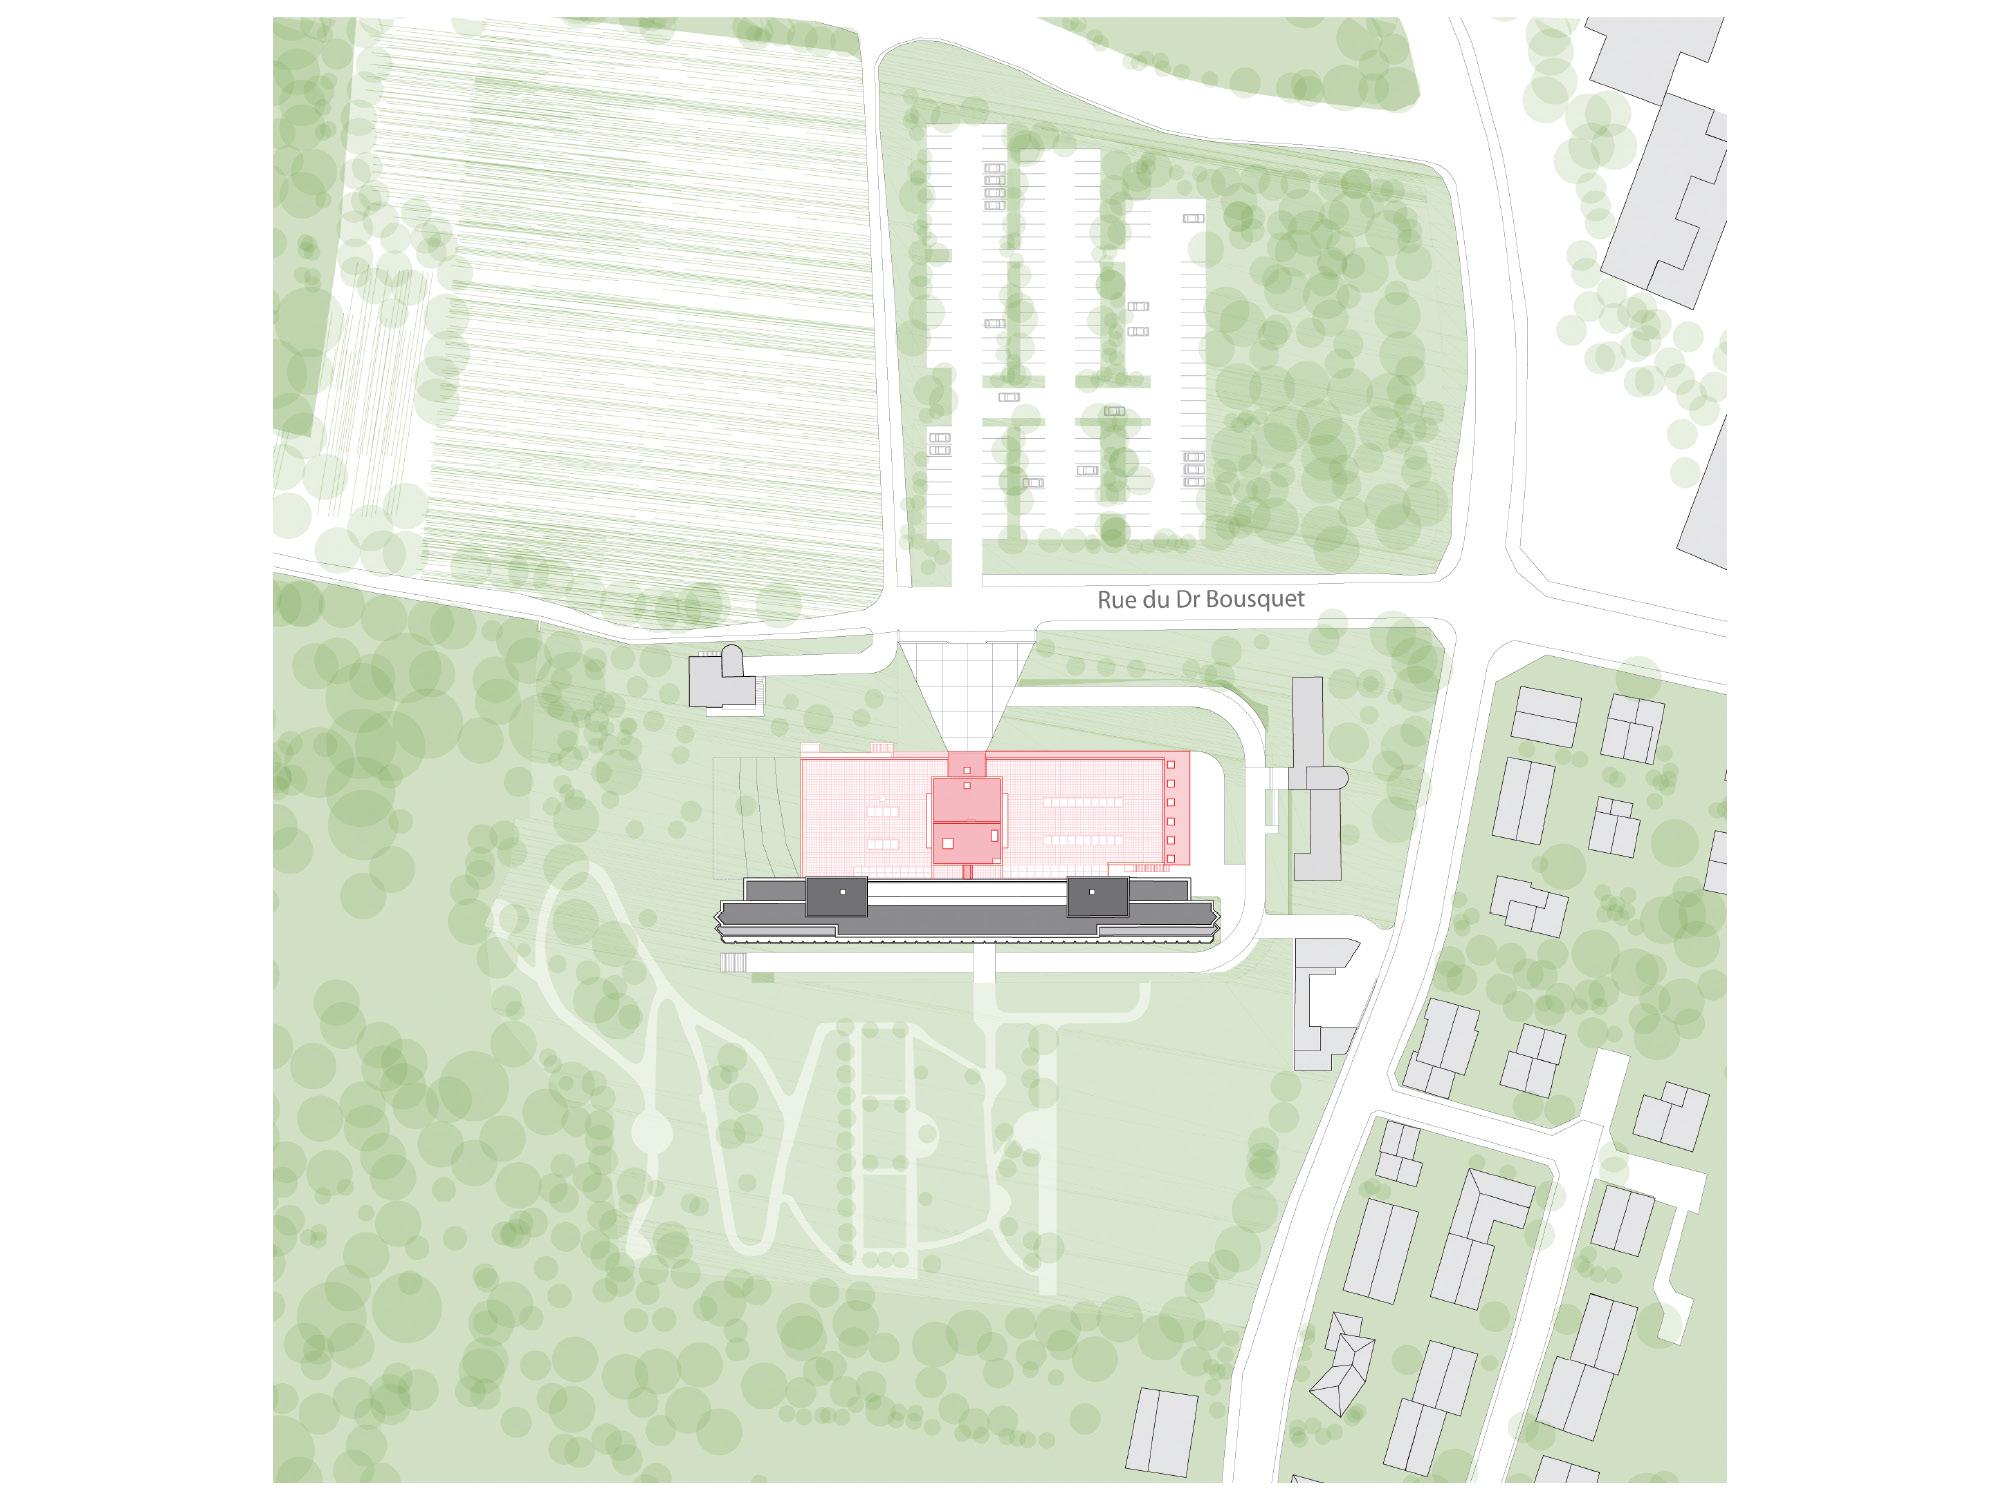 Ecole d 39 architecture de clermont ferrand dominique lyon Ecole architecture